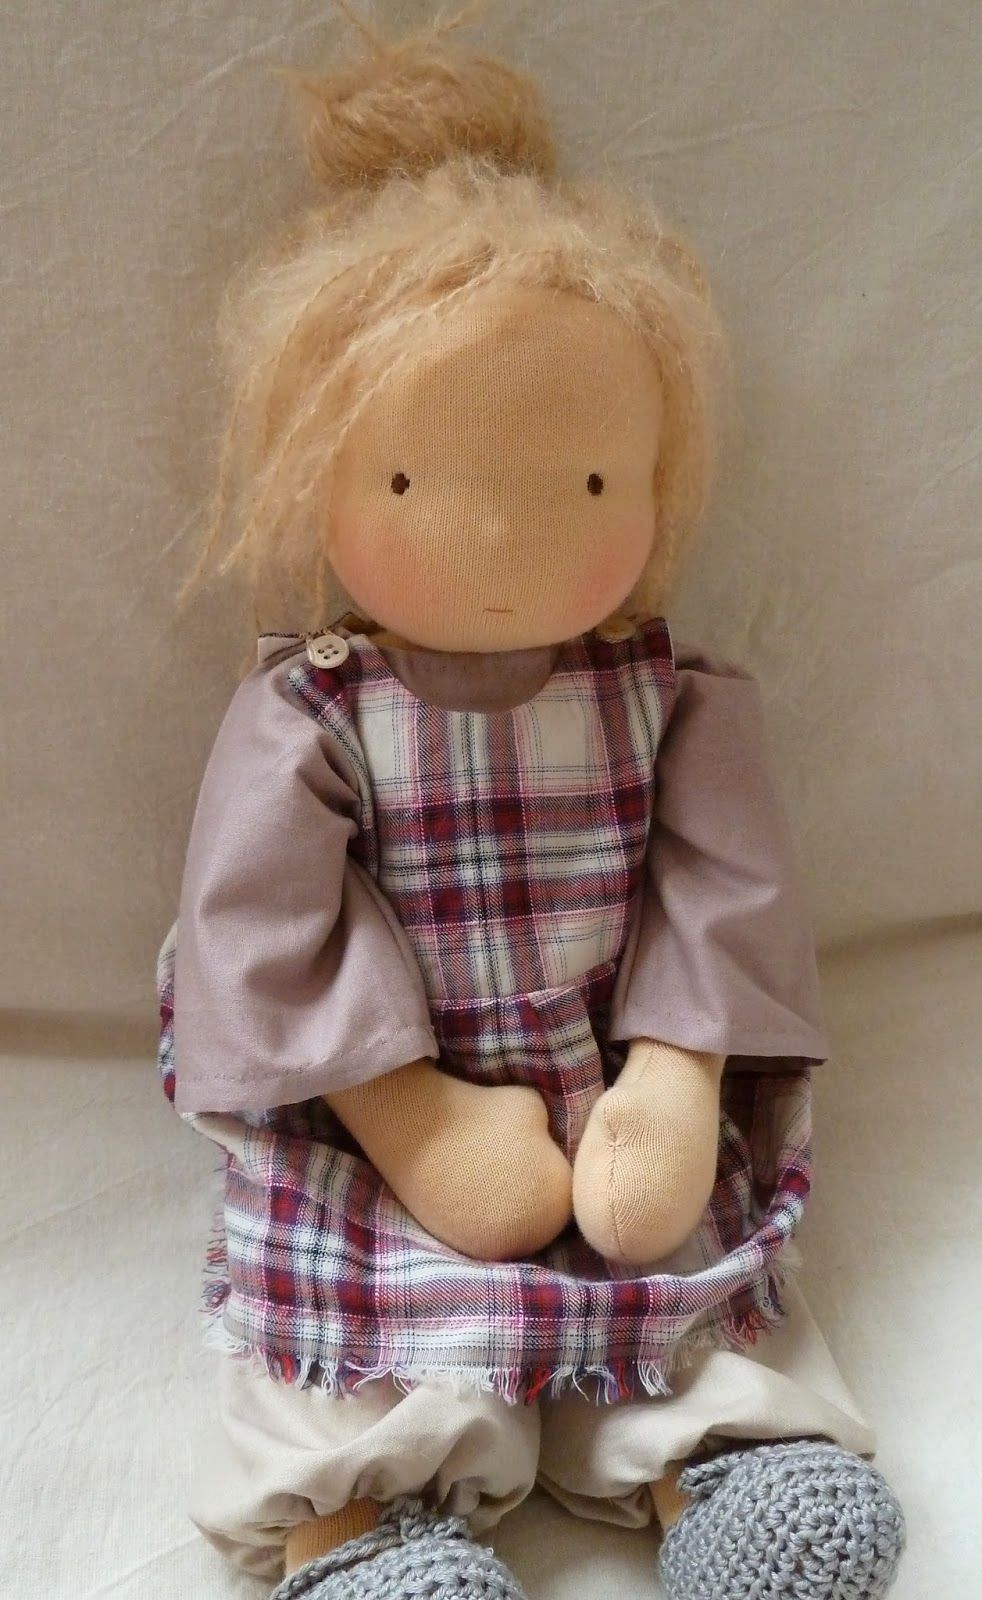 Русская народная игрушка: тряпичная кукла своими руками, пошаговый процесс работы